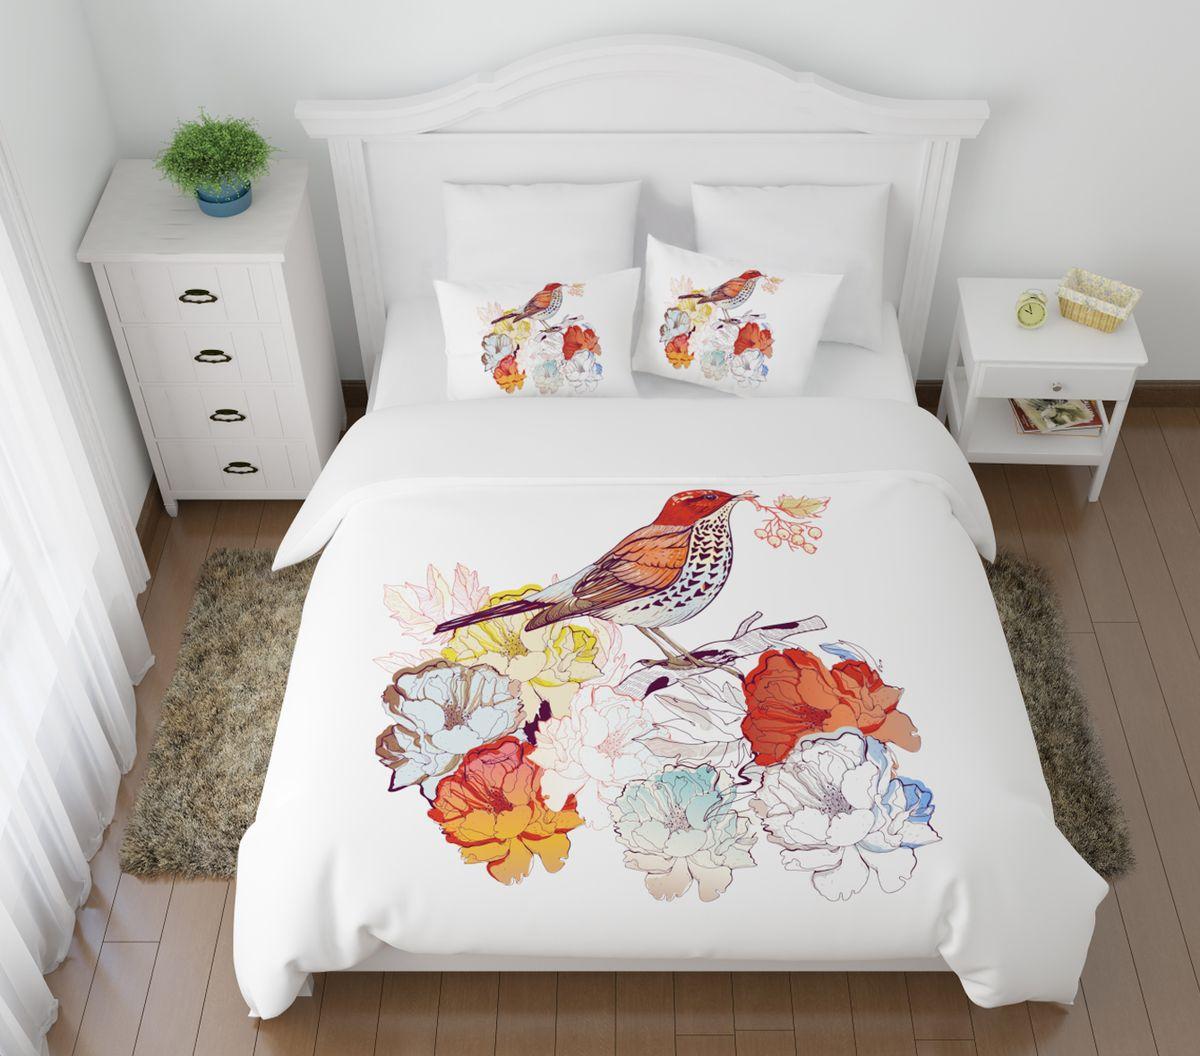 Комплект белья Сирень Лесная птичка, 2-спальный, наволочки 50х70S03301004Комплект постельного белья Сирень 2-х спальный выполнен из прочной и мягкой ткани. Четкий и стильный рисунок в сочетании с насыщенными красками делают комплект постельного белья неповторимой изюминкой любого интерьера. Постельное белье идеально подойдет для подарка. Идеальное соотношение смешенной ткани и гипоаллергенных красок это гарантия здорового, спокойного сна. Ткань хорошо впитывает влагу, надолго сохраняет яркость красок. Цвет простыни, пододеяльника, наволочки в комплектации может немного отличаться от представленного на фото.В комплект входят: простыня - 200х220см; пододельяник 175х210 см; наволочка - 50х70х2шт. Постельное белье легко стирать при 30-40 градусах, гладить при 150 градусах, не отбеливать.Рекомендуется перед первым изпользованием постирать.